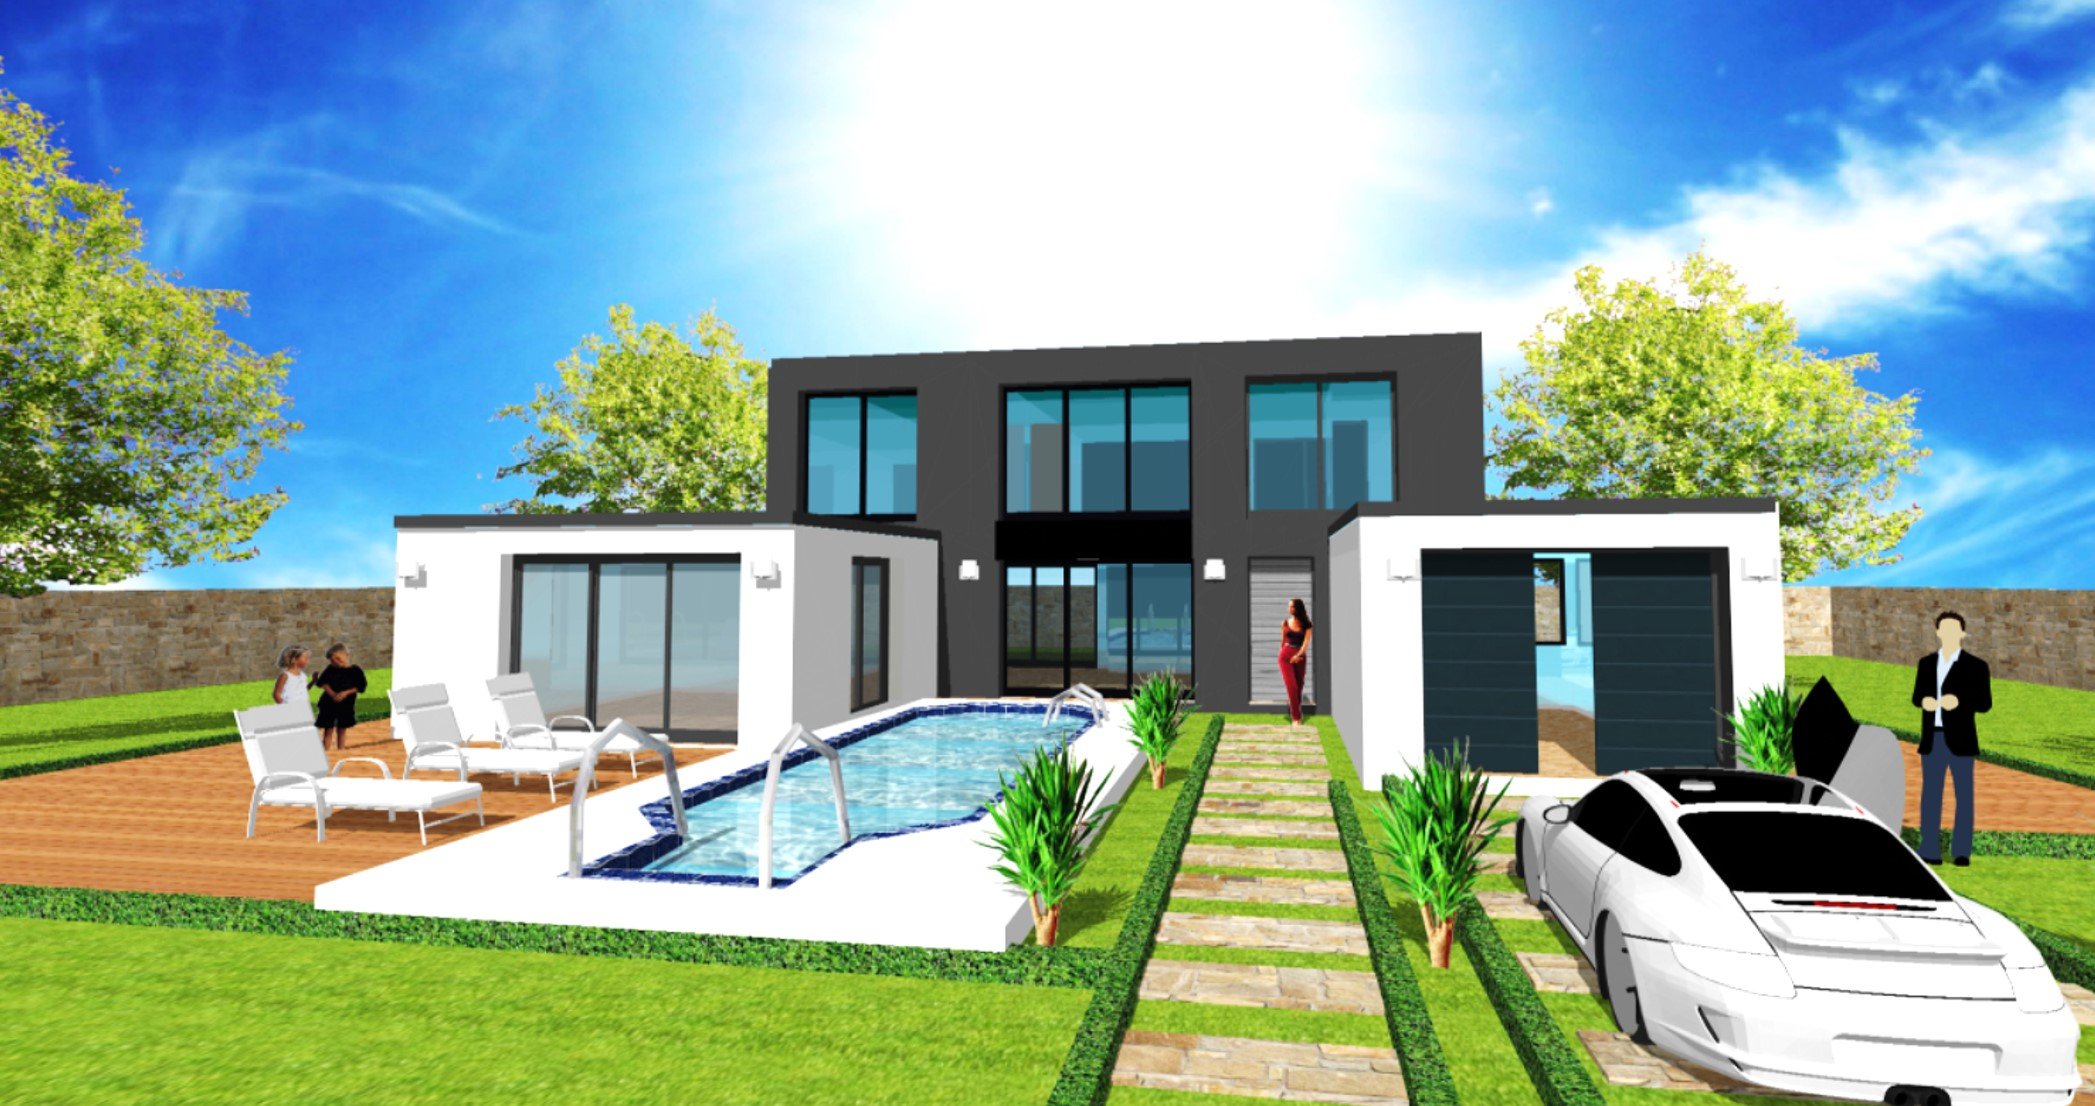 découvrez les maisons archidesign votre batisseur et designer de maisons sur mesure en ile de france